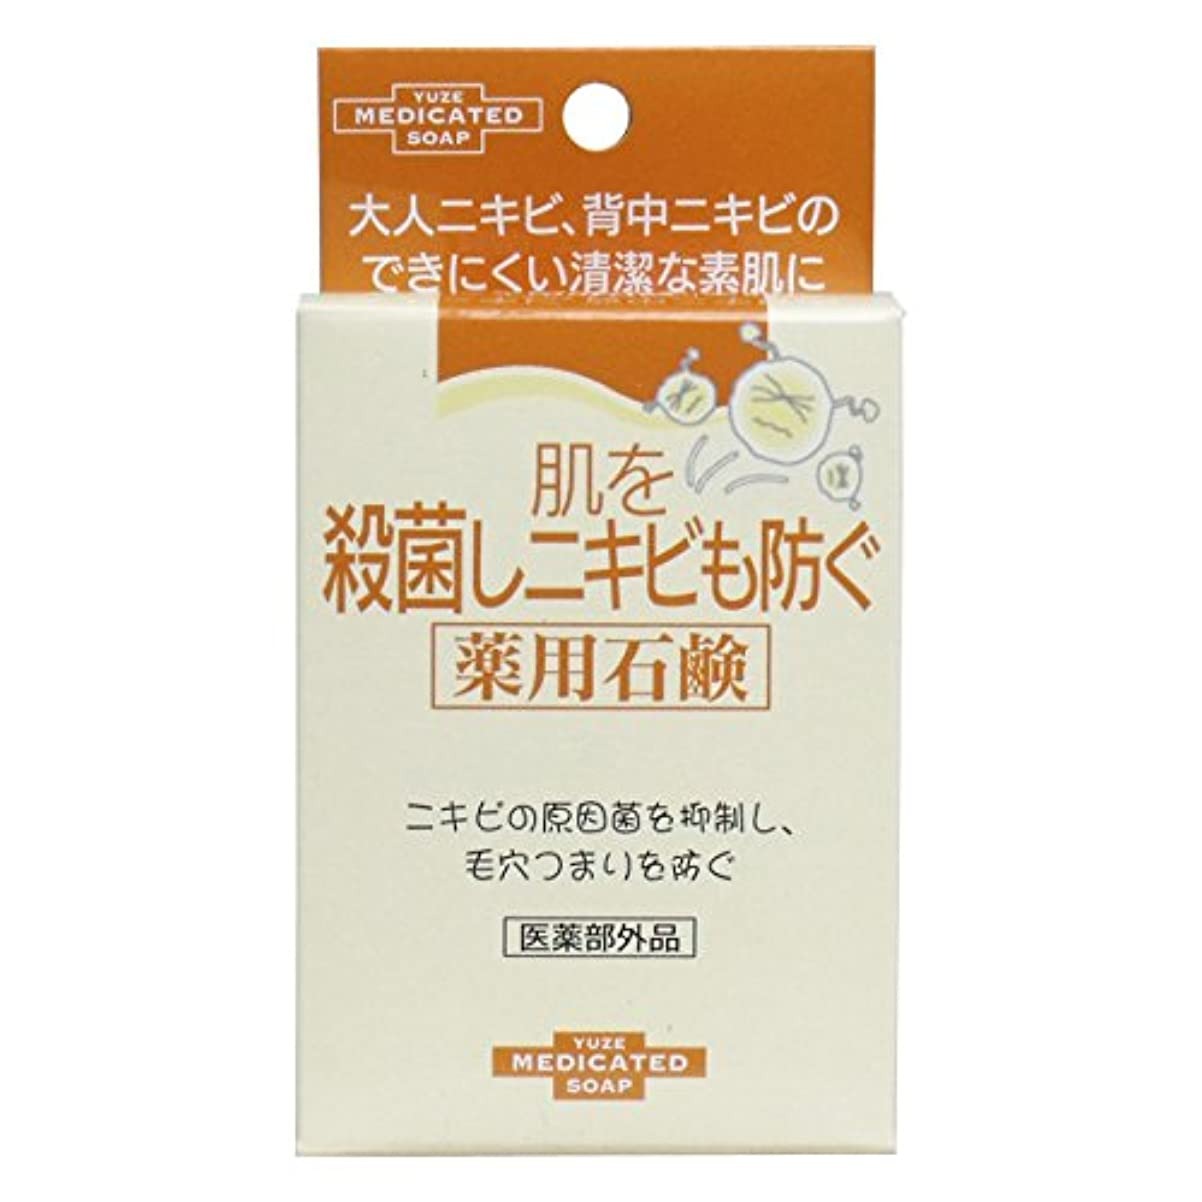 下位家主側ユゼ 肌を殺菌しニキビも防ぐ薬用石鹸 (110g)